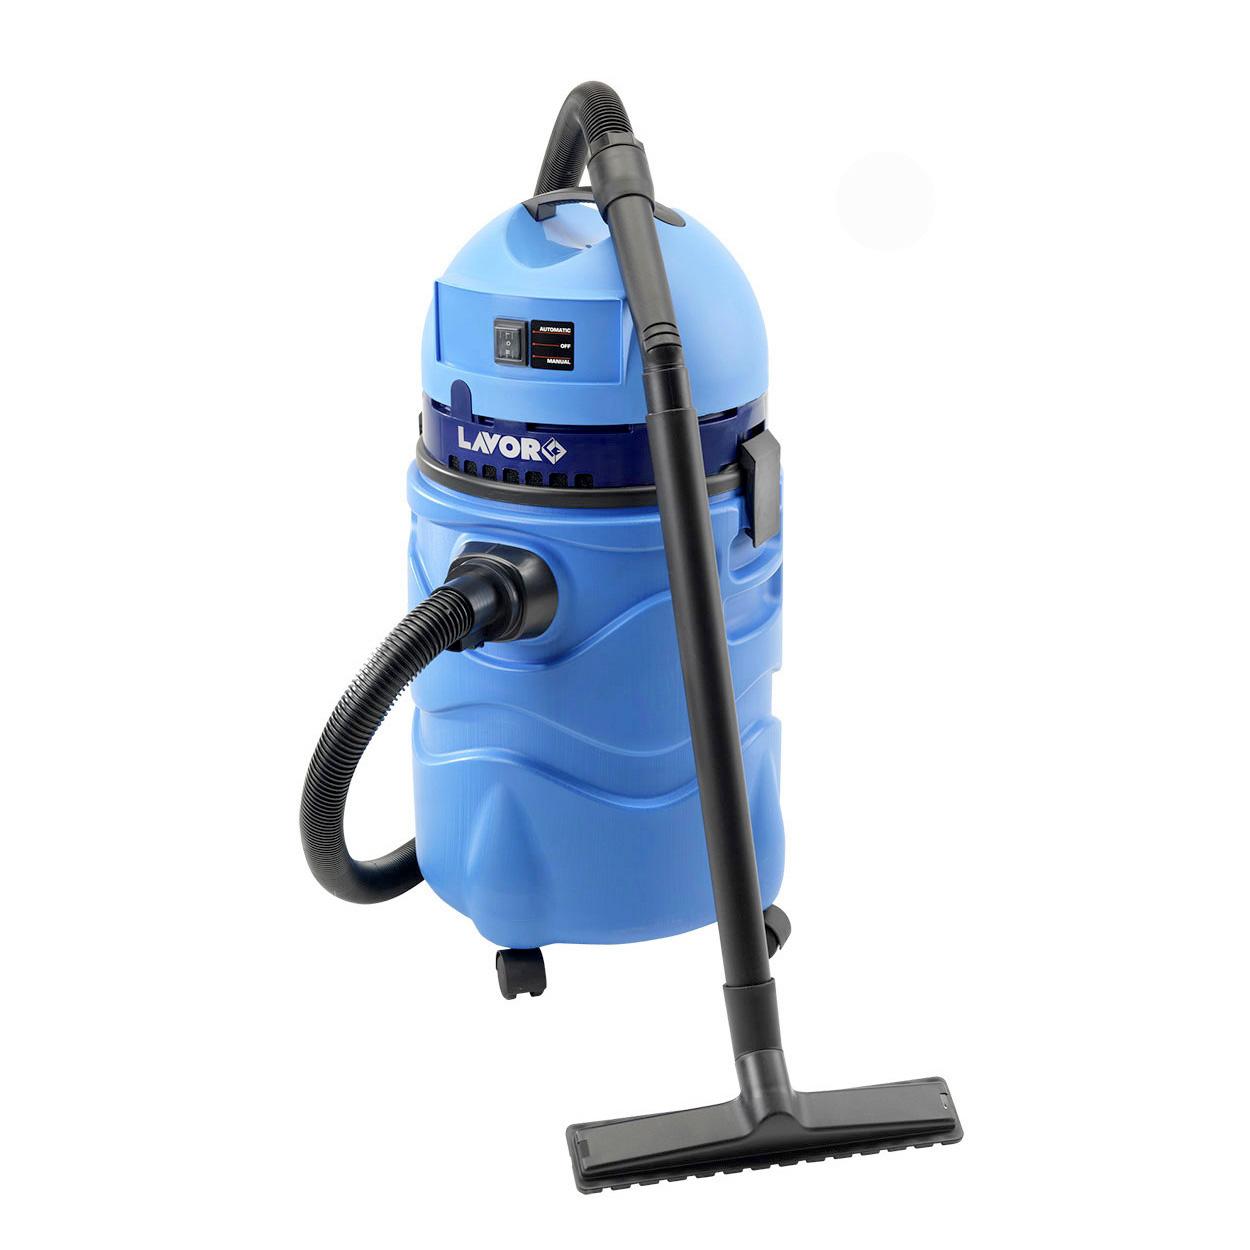 Pool vacuum cleaners